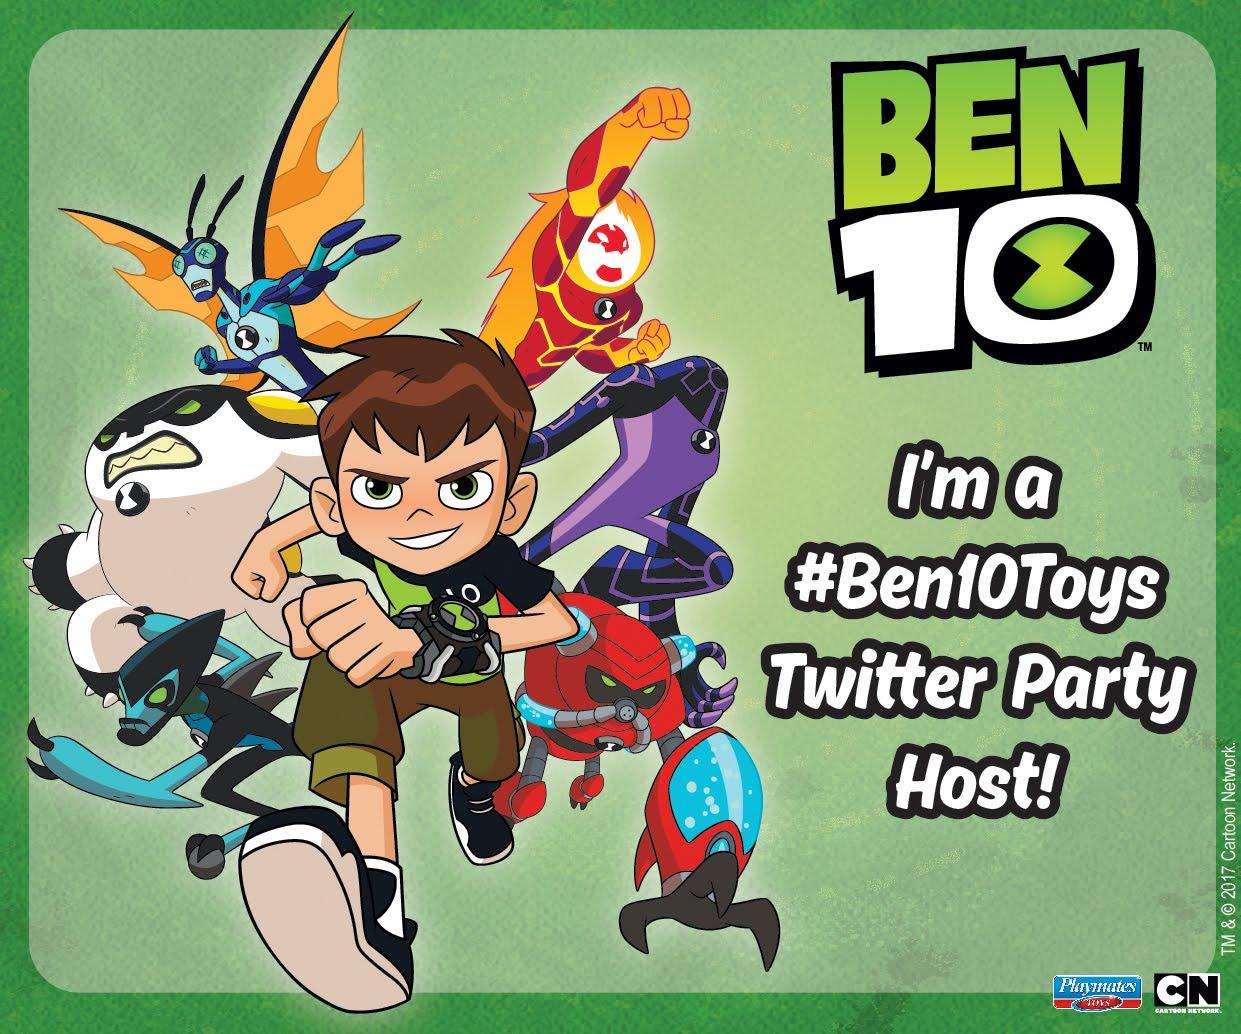 Ben 10 Twitter Party